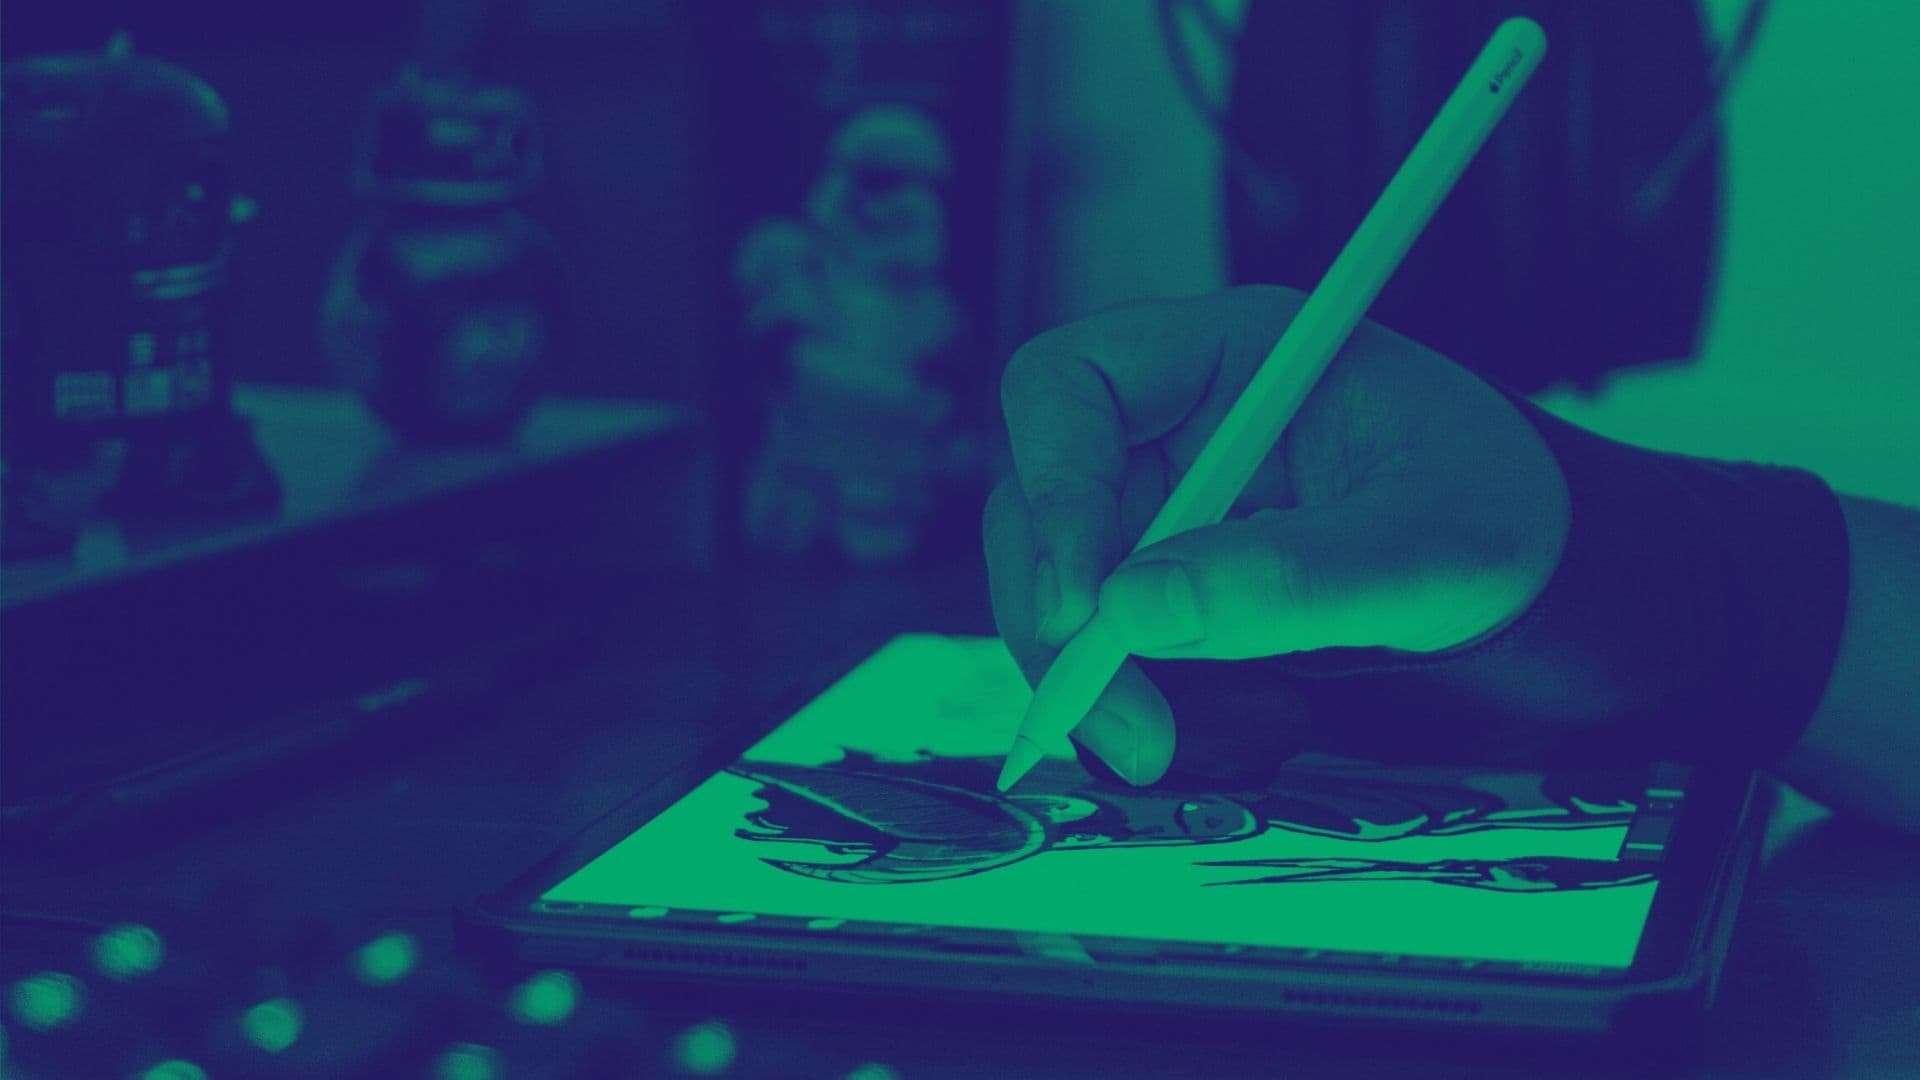 The Ultimate Creative Starter Kit - Winner Announced